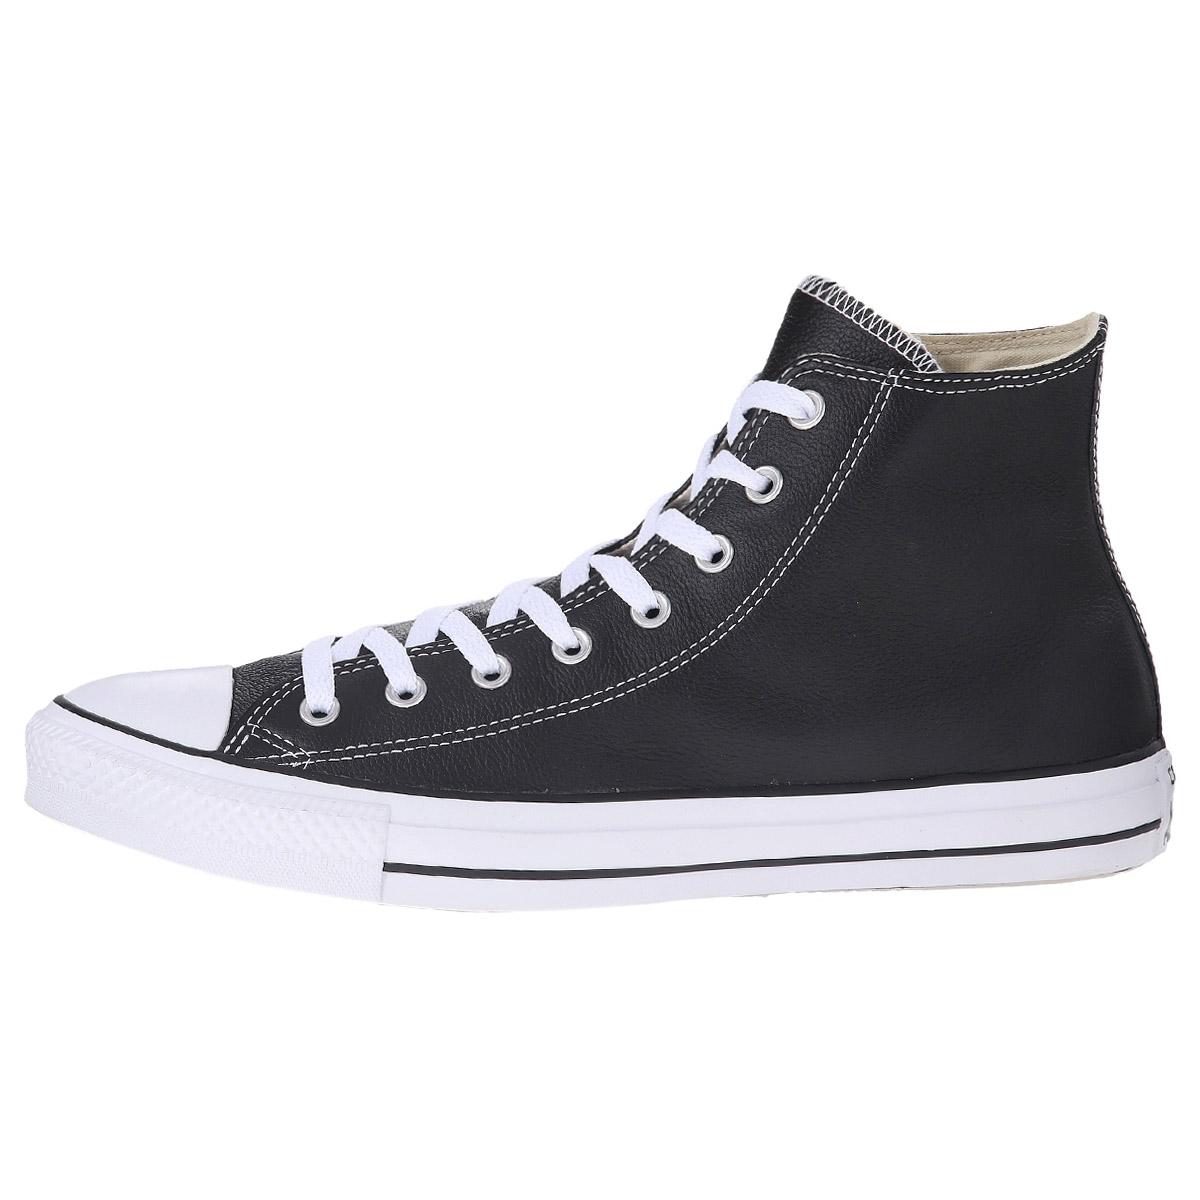 converse chucks hi leather damen schuhe schwarz leder sneaker taylor all star ebay. Black Bedroom Furniture Sets. Home Design Ideas